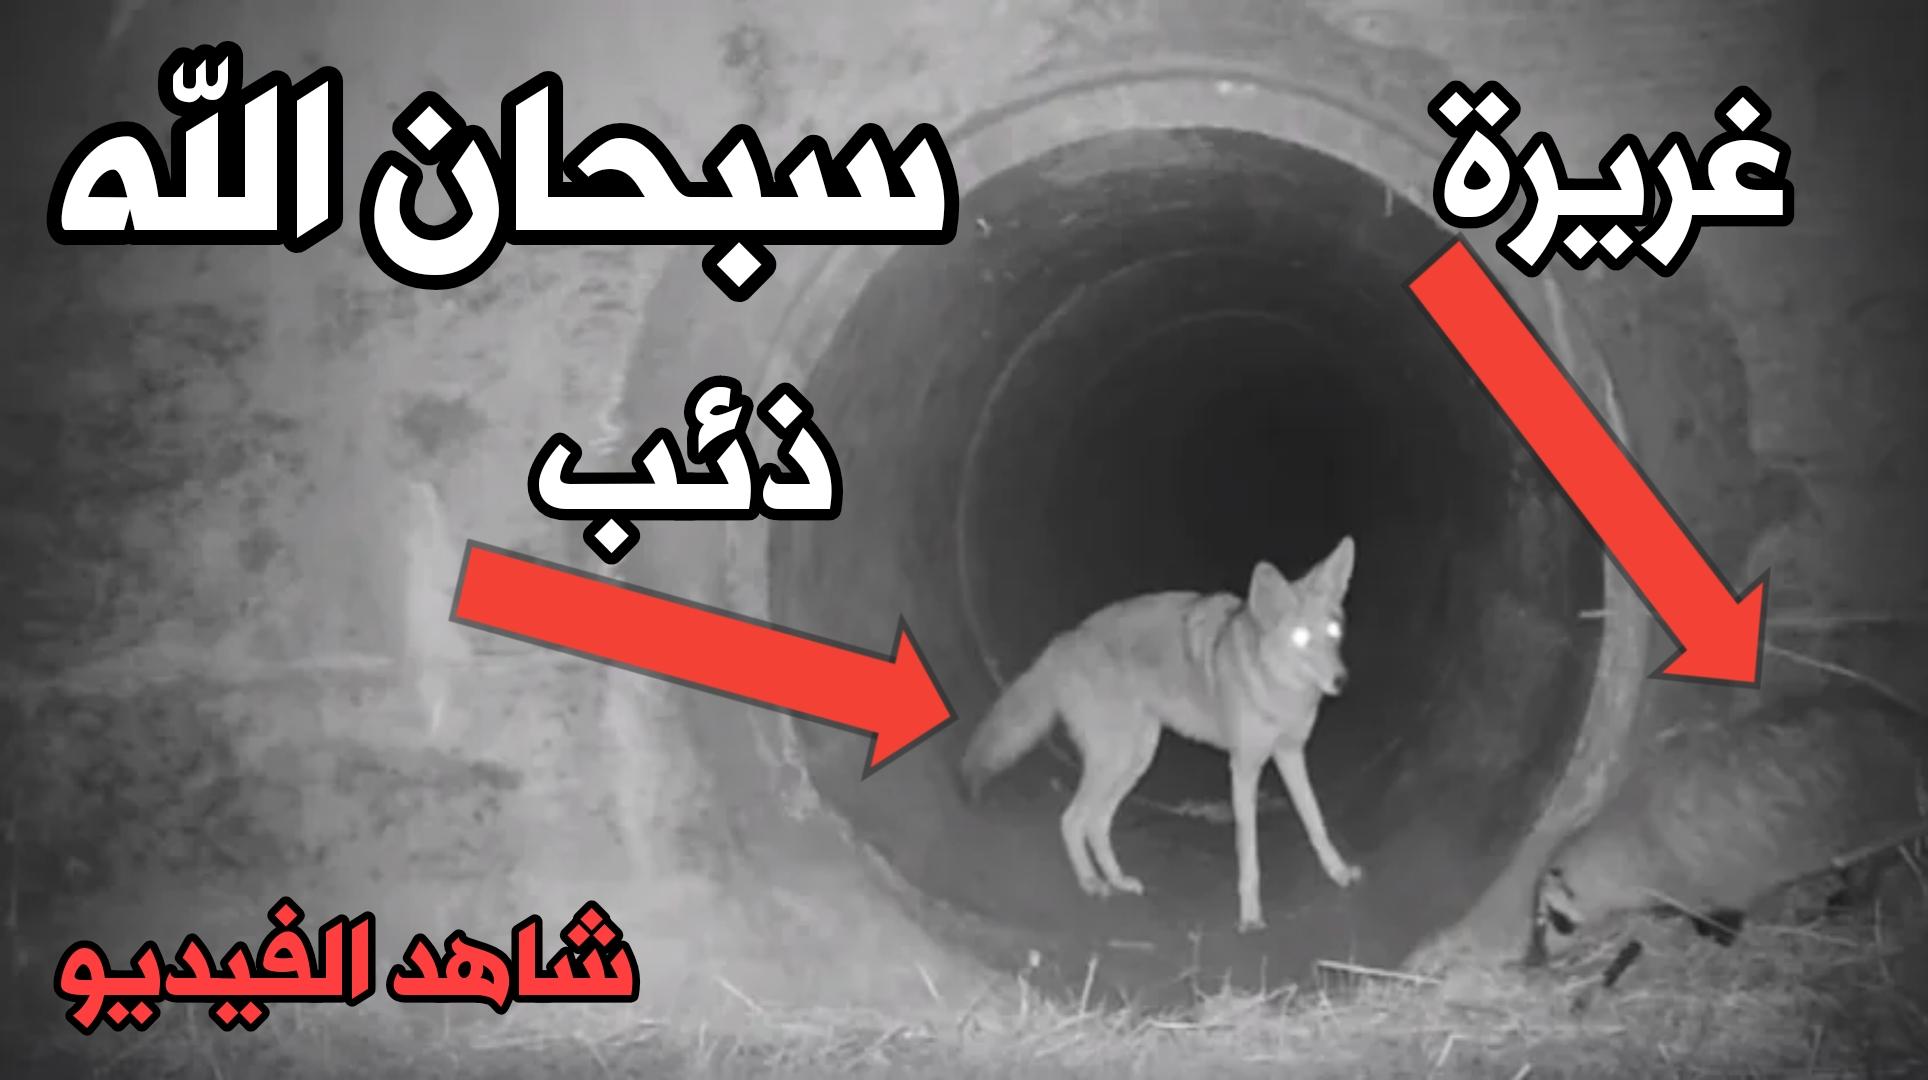 فيديو نادر سبحان الله ذئب يساعد حيوان الأغريرة في عبور النفق في كاليفورنيا